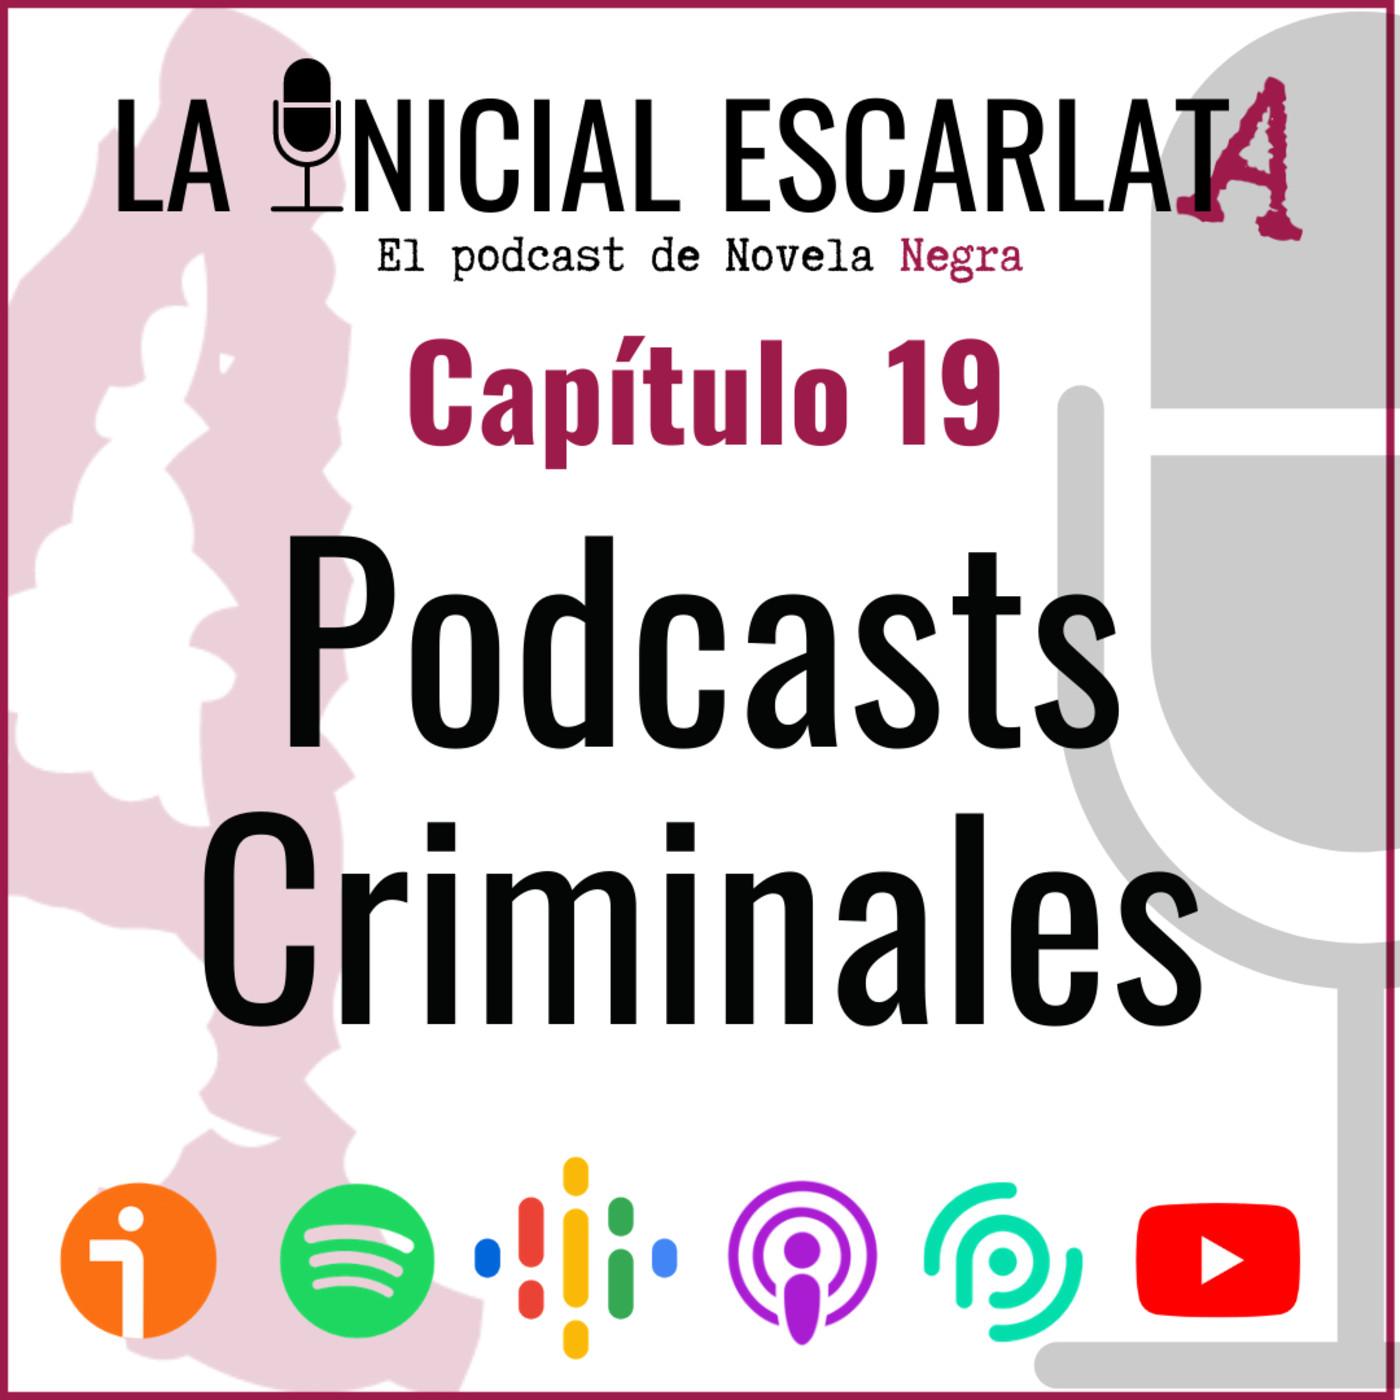 Capítulo 19: Podcasts Criminales